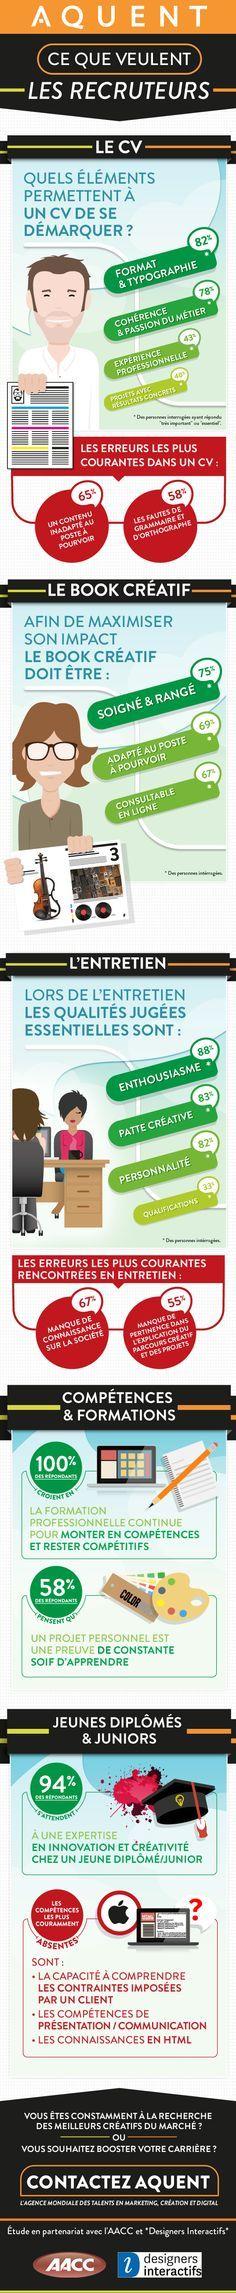 Ce que veulent les recruteurs #emploi #cv #design